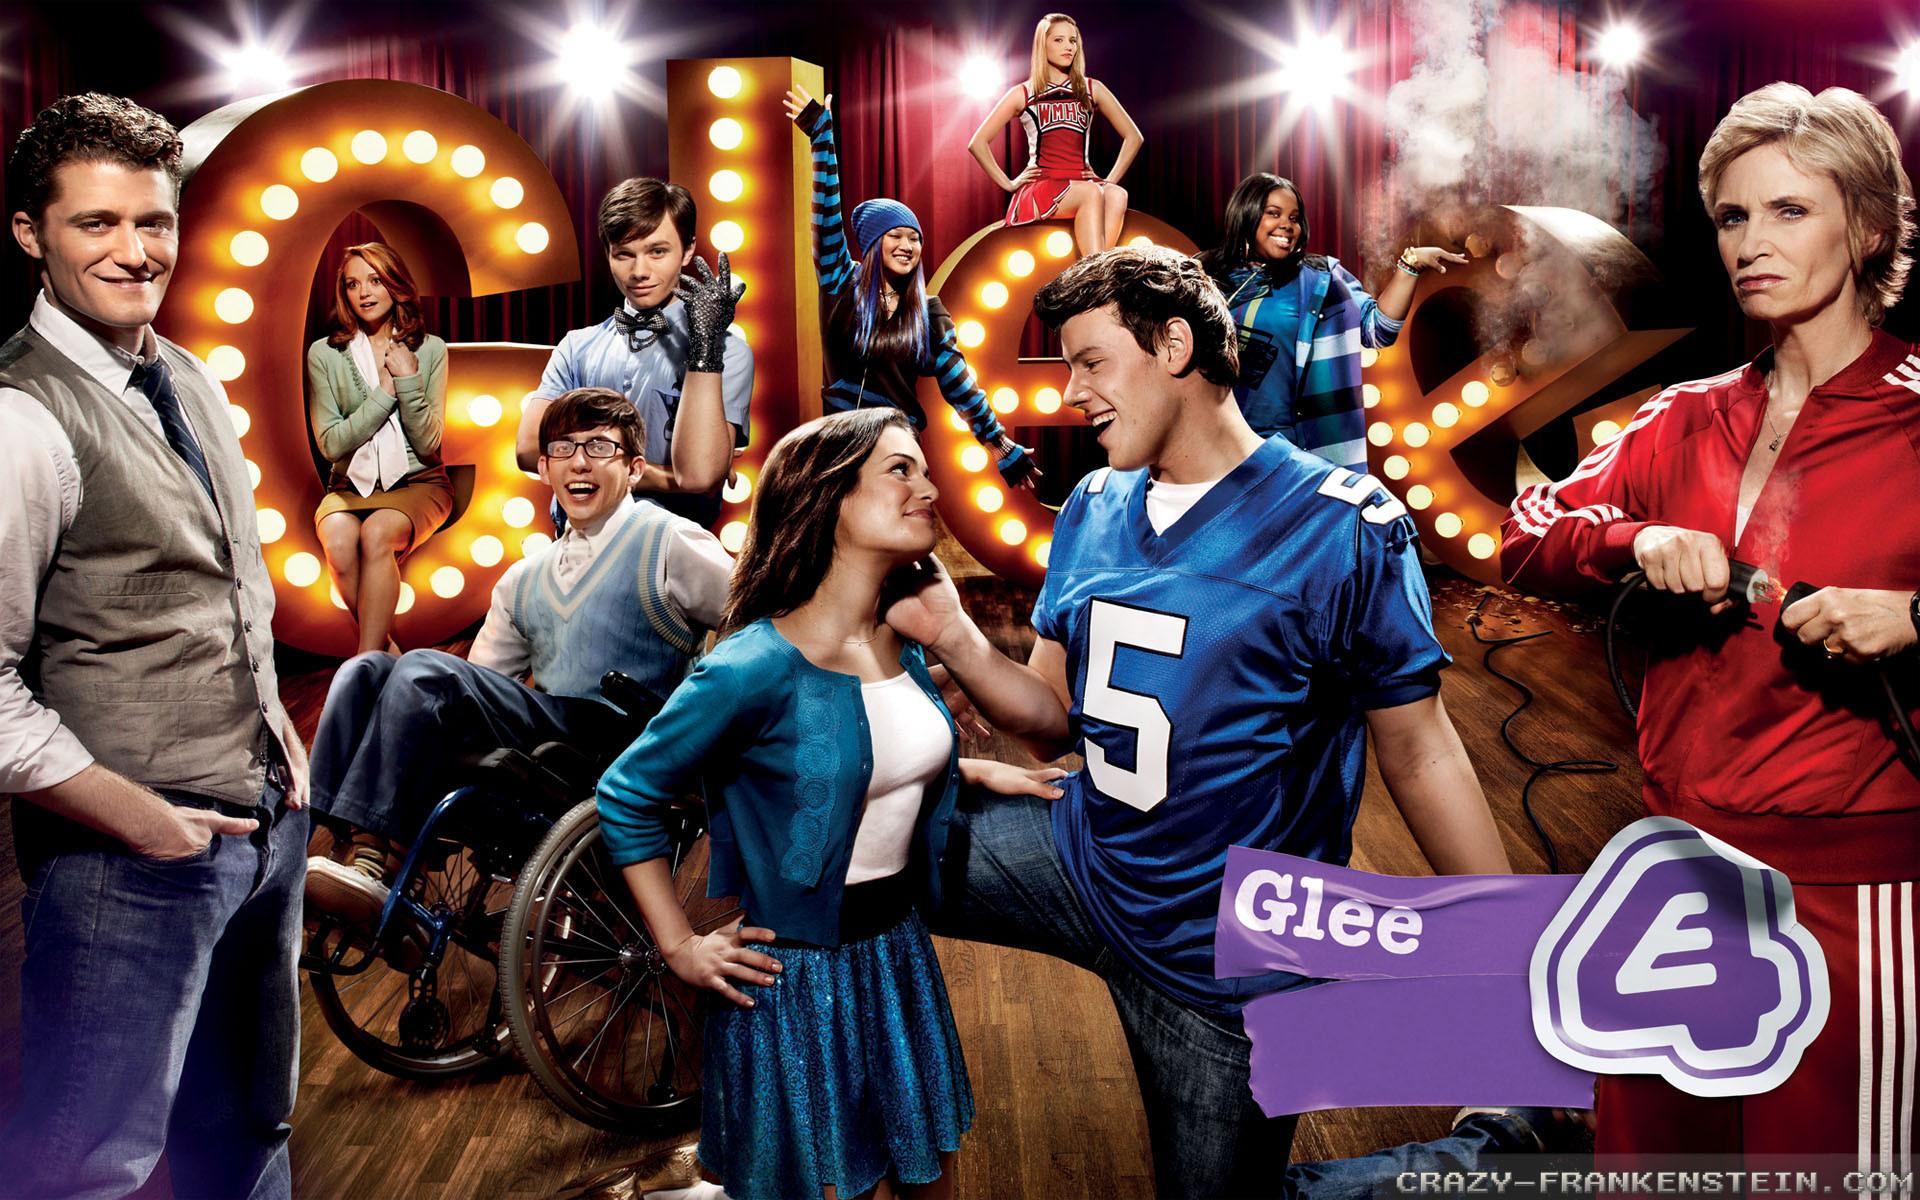 Glee Desktop Wallpaper 62 Pictures